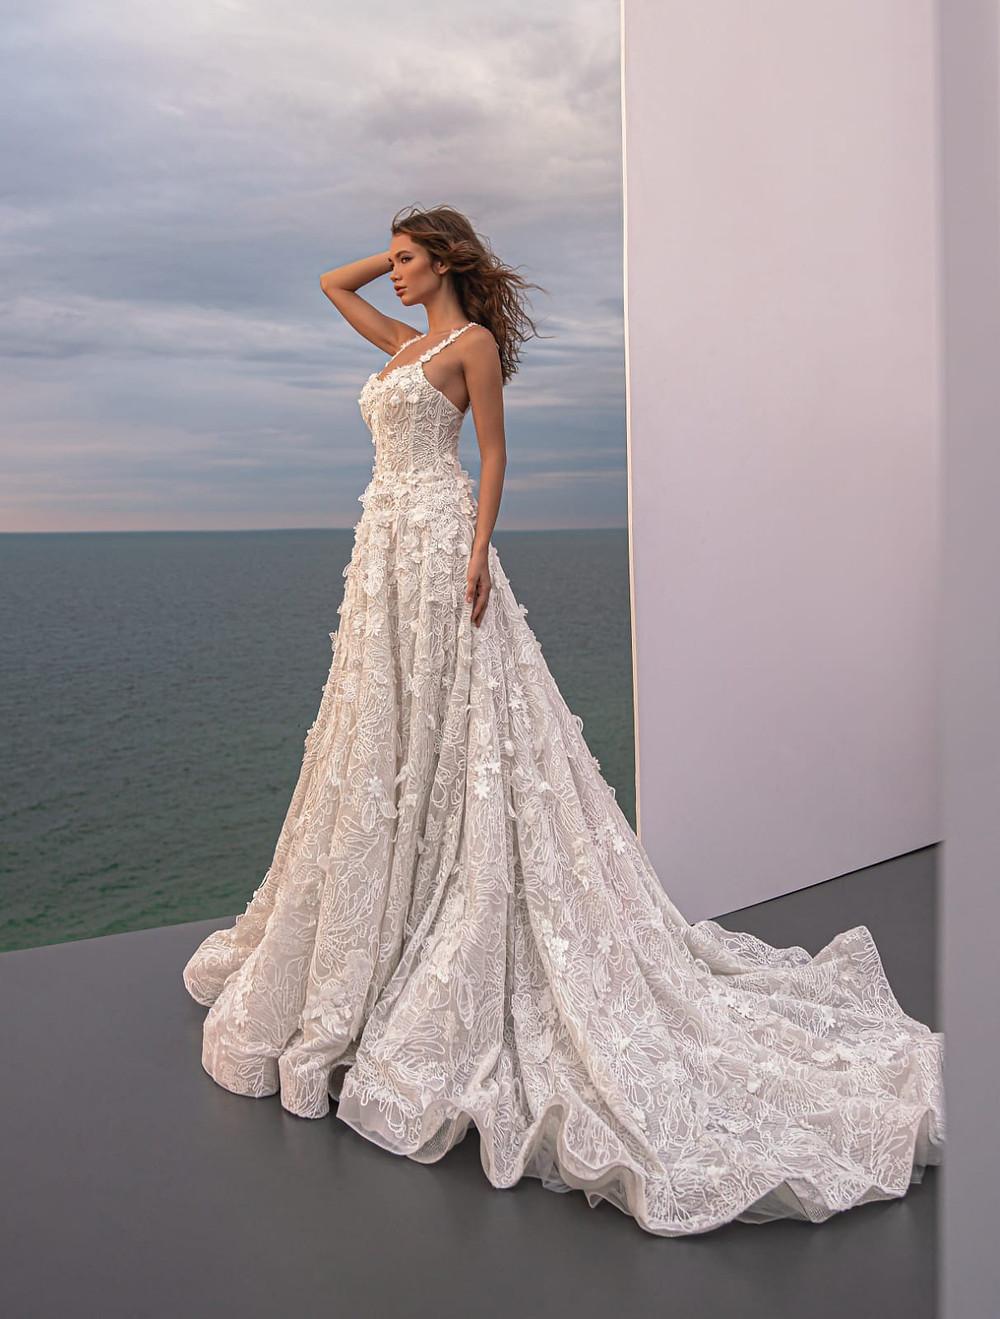 rochii de mireasa stil A, rochii de mireasa lux